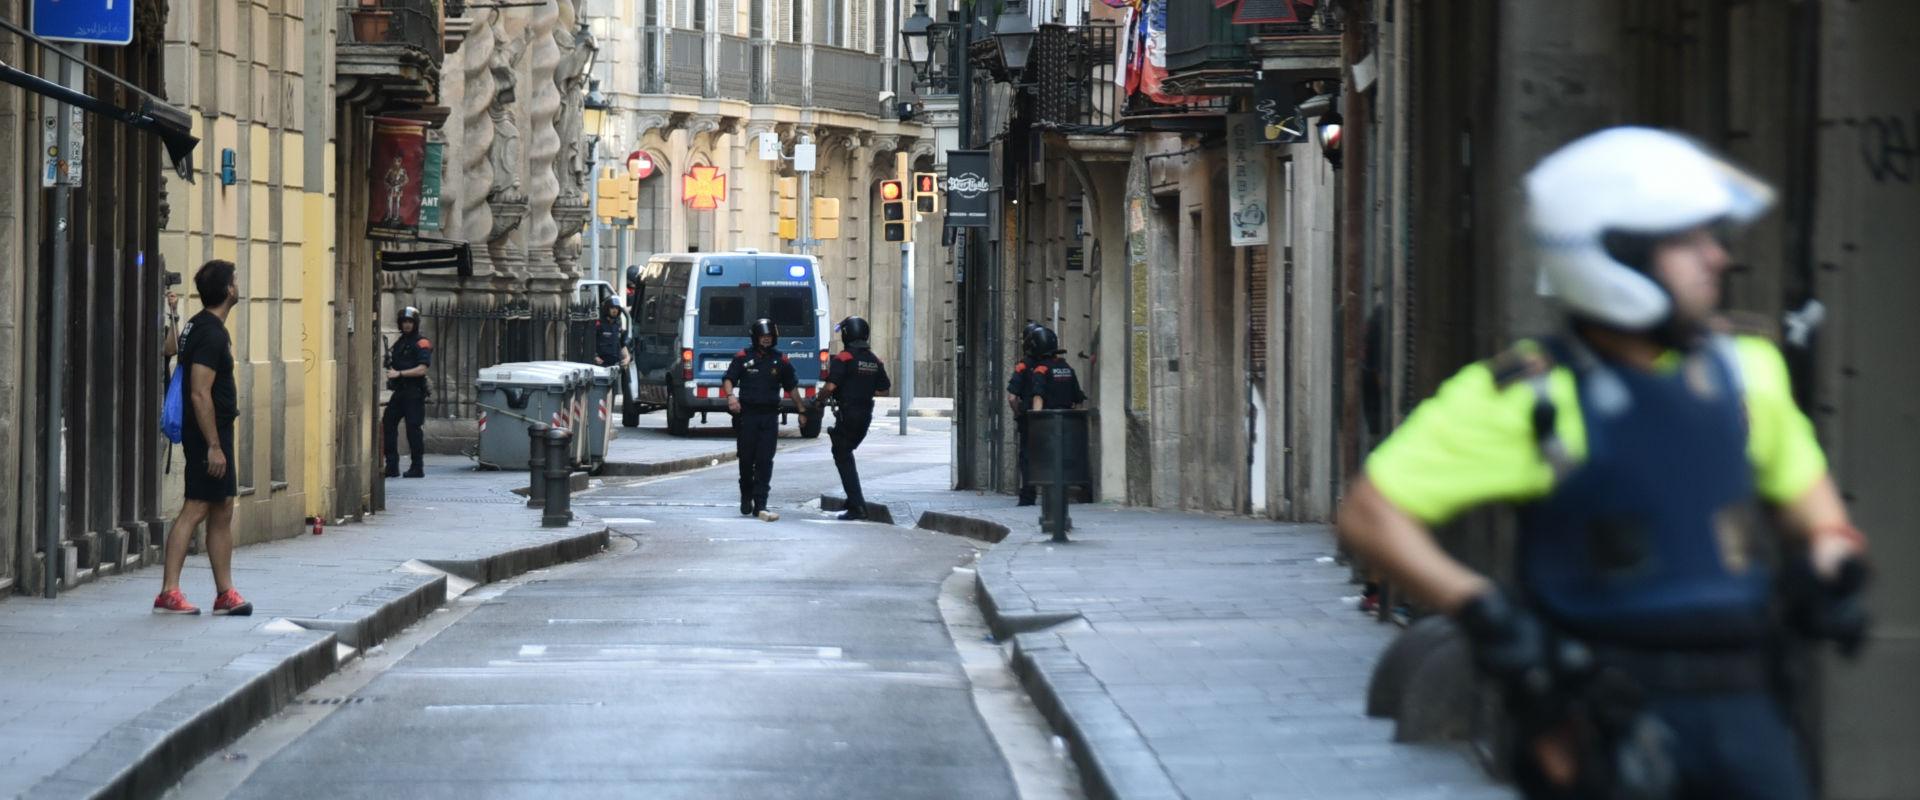 שוטרים סמוך לזירת הפיגוע בברצלונה